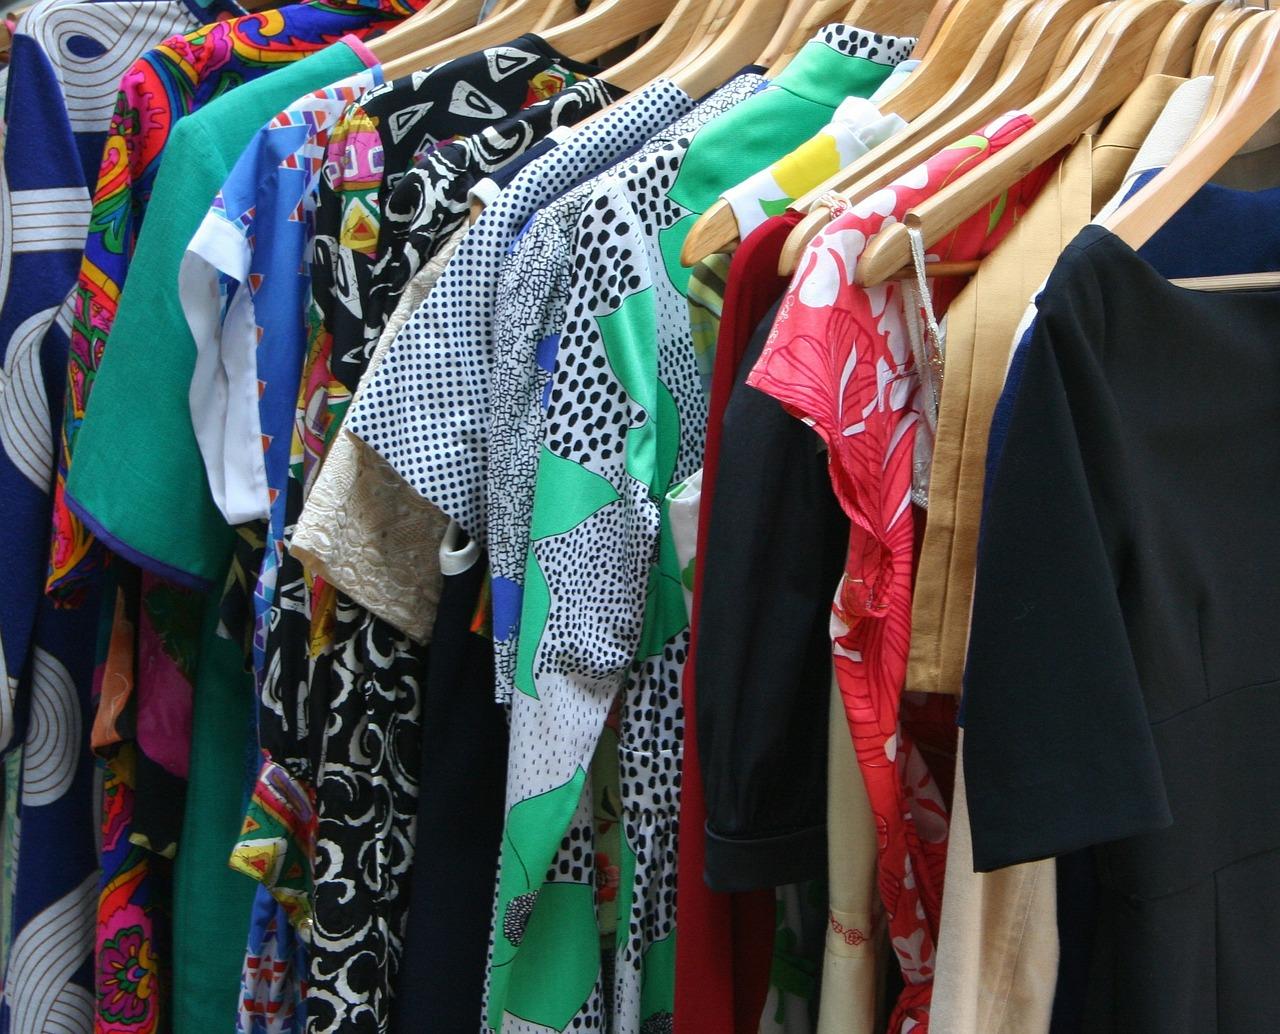 レーヨンやポリエステルの衣類は暑い夏に快適に過ごせる素材?